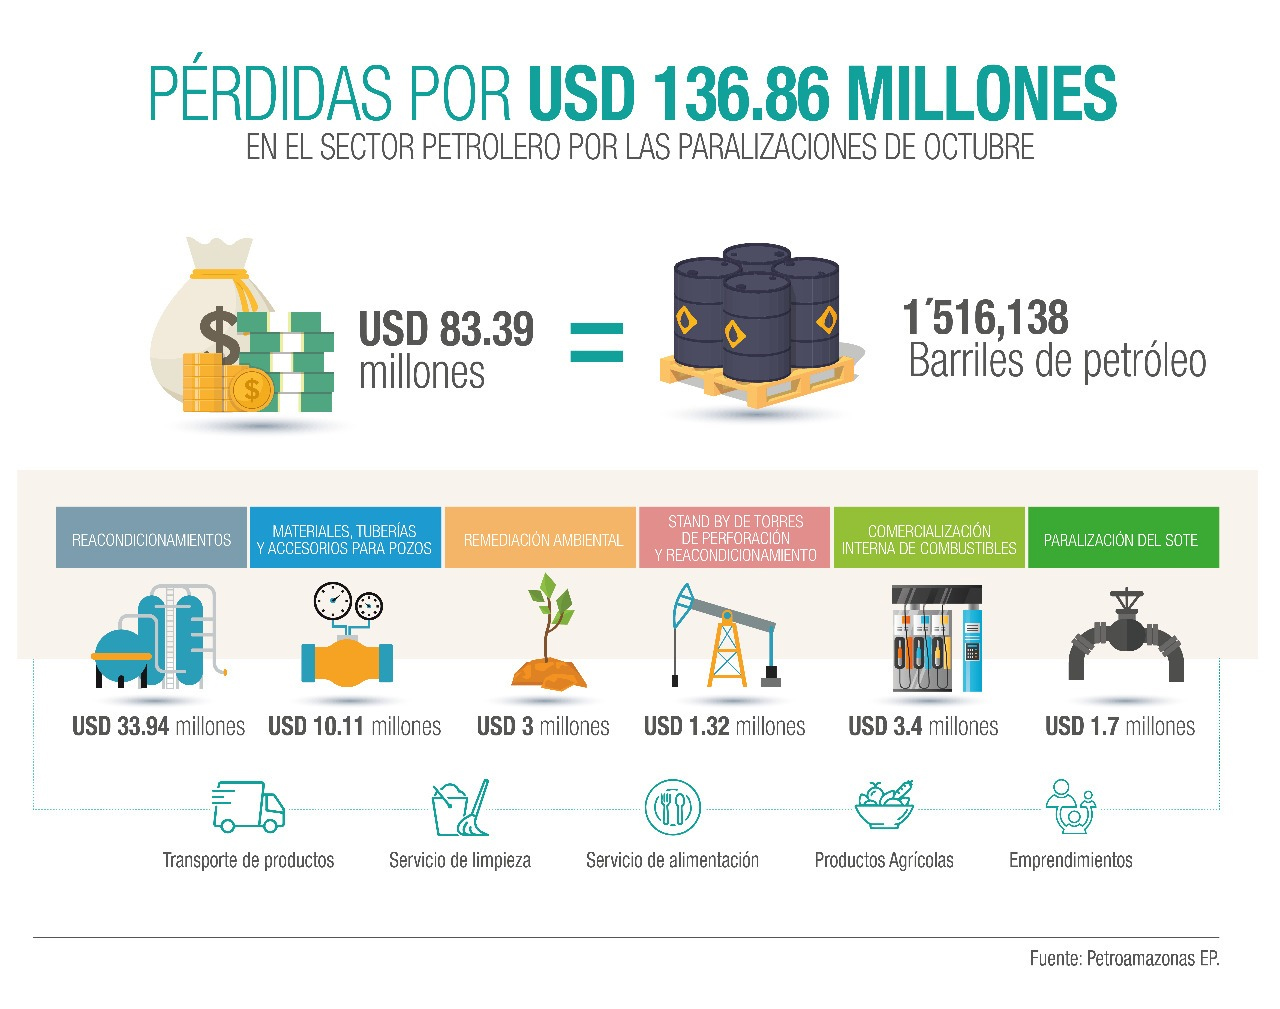 Pérdidas de USD 136,86 millones por paralización del sector petrolero en las protestas de octubre en Ecuador